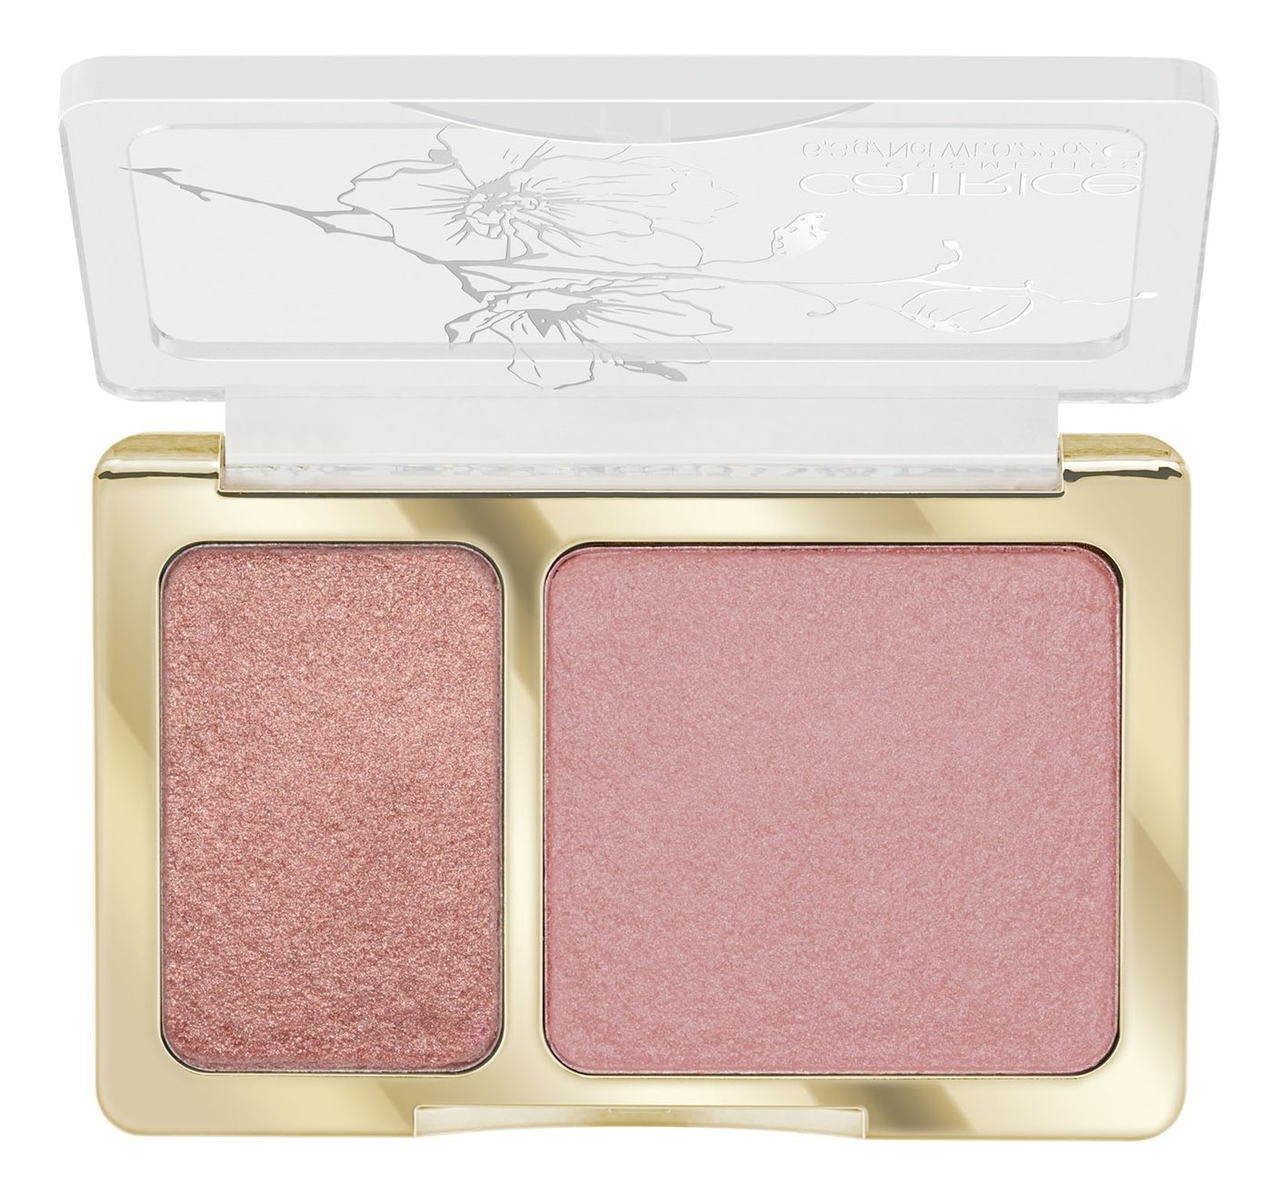 Купить Румяна для лица 2 в 1 Glow In Bloom Monochromatic Blush & Glow 6, 3г: C02 Rose Duet, Румяна для лица 2 в 1 Glow In Bloom Monochromatic Blush & Glow 6, 3г, Catrice Cosmetics